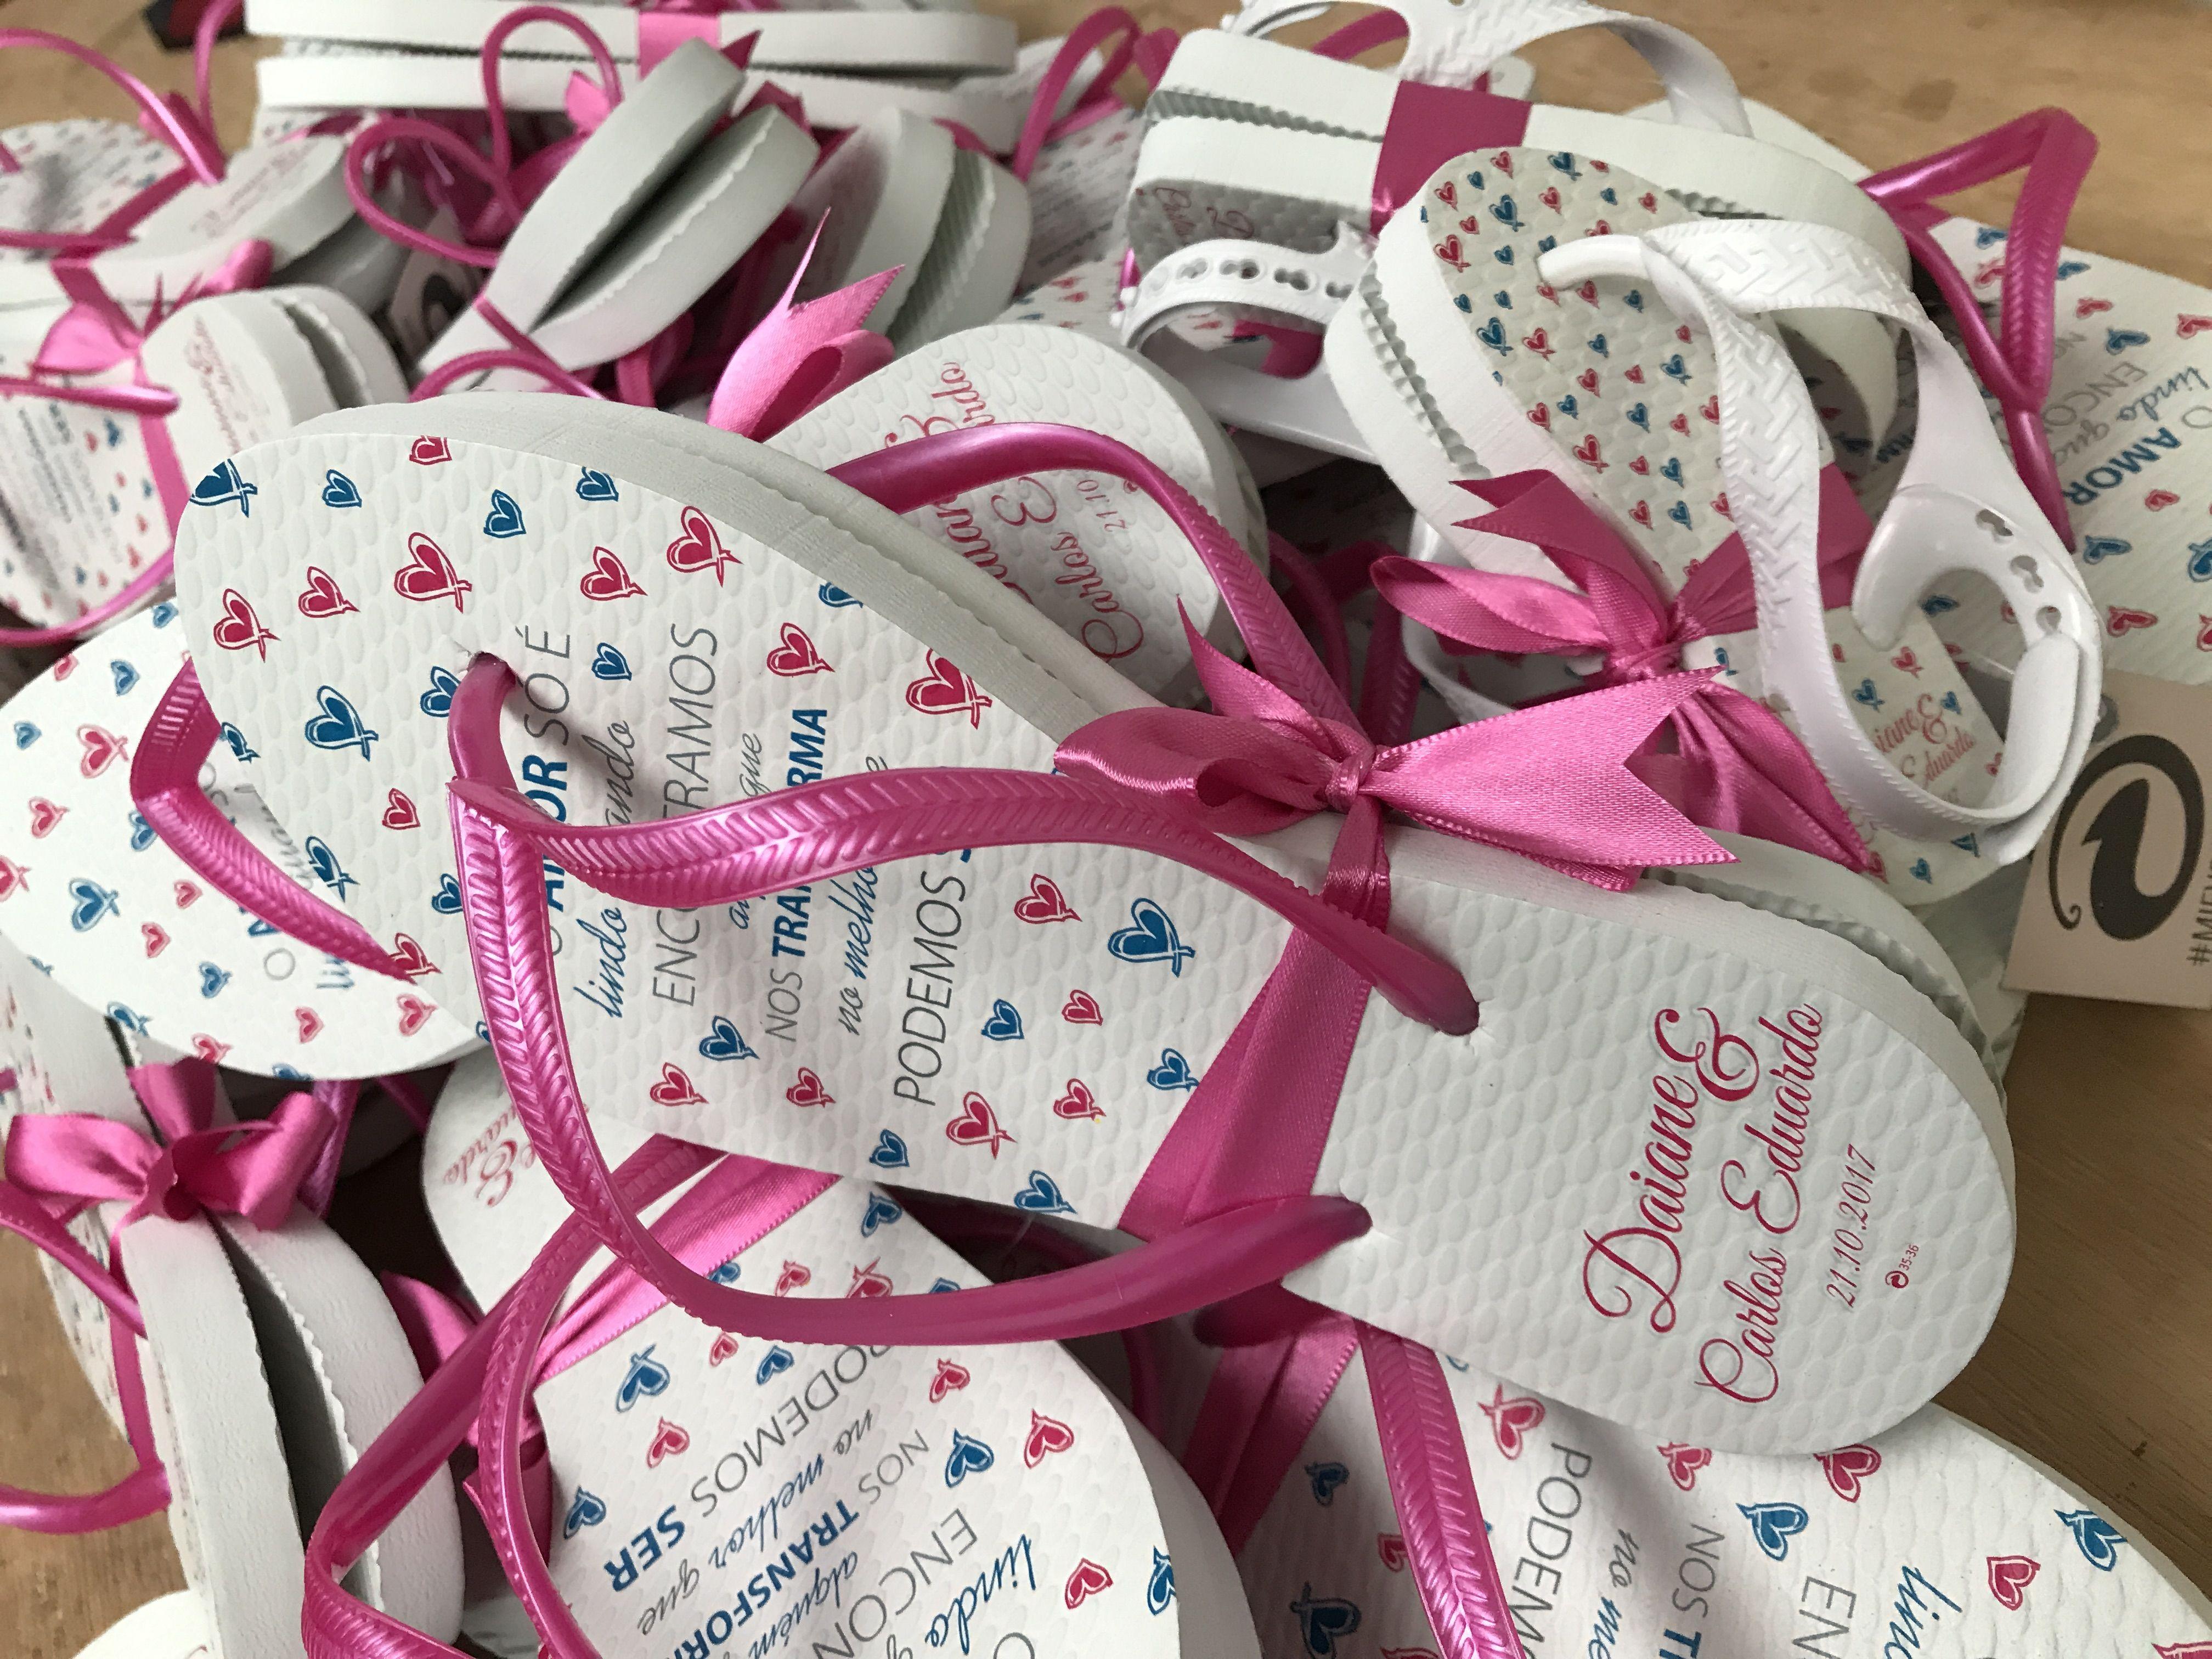 fcb8dab31ef5fe Chinelo Personalizado de Casamento - corações pink e azul com frase ...